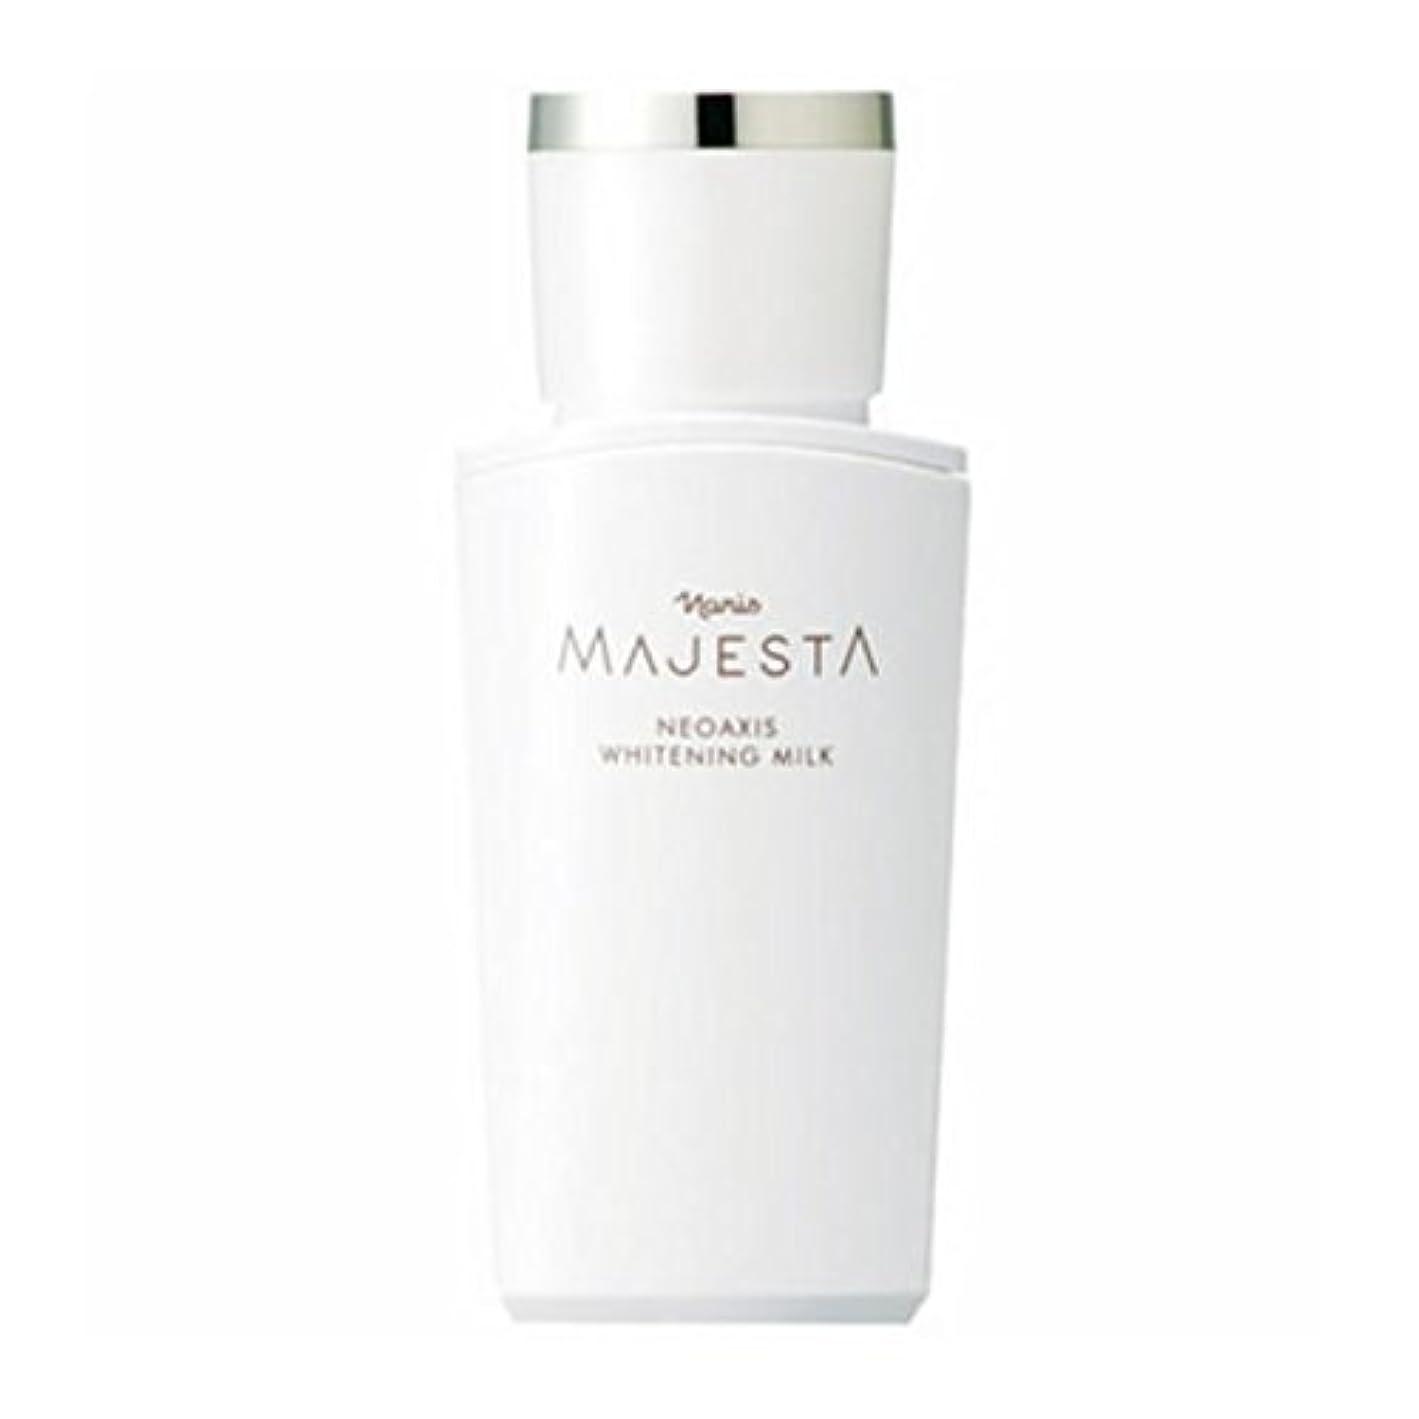 タイプライター傑作違反するナリス化粧品 マジェスタ ネオアクシス ホワイトニング ミルク (薬用 美白乳液) 80ml